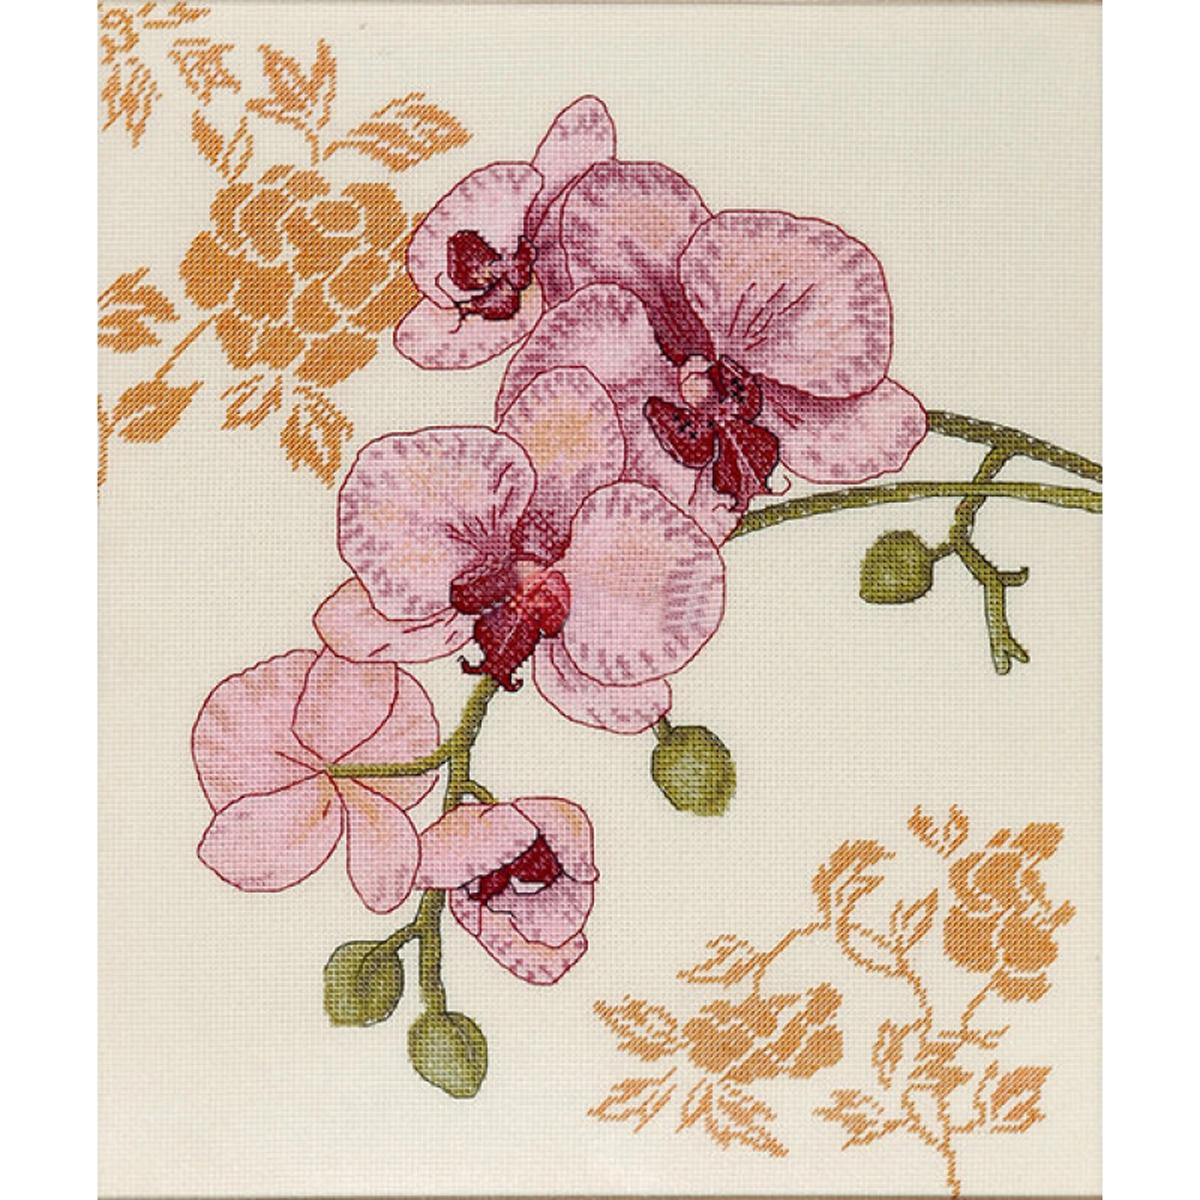 Набор для вышивания Alisena Орхидея - 1, 27 х 31 см. 549784549784Красивые и душевные наборы для вышивания Alisena, укомплектованные качественными материалами, помогут создать вам маленький шедевр. В состав набора для вышивания Орхидея - 1 входит: канва аида 16 Zweigart - 100% хлопок, мулине Anchor - 14 цветов, игла, цветная схема, инструкция.